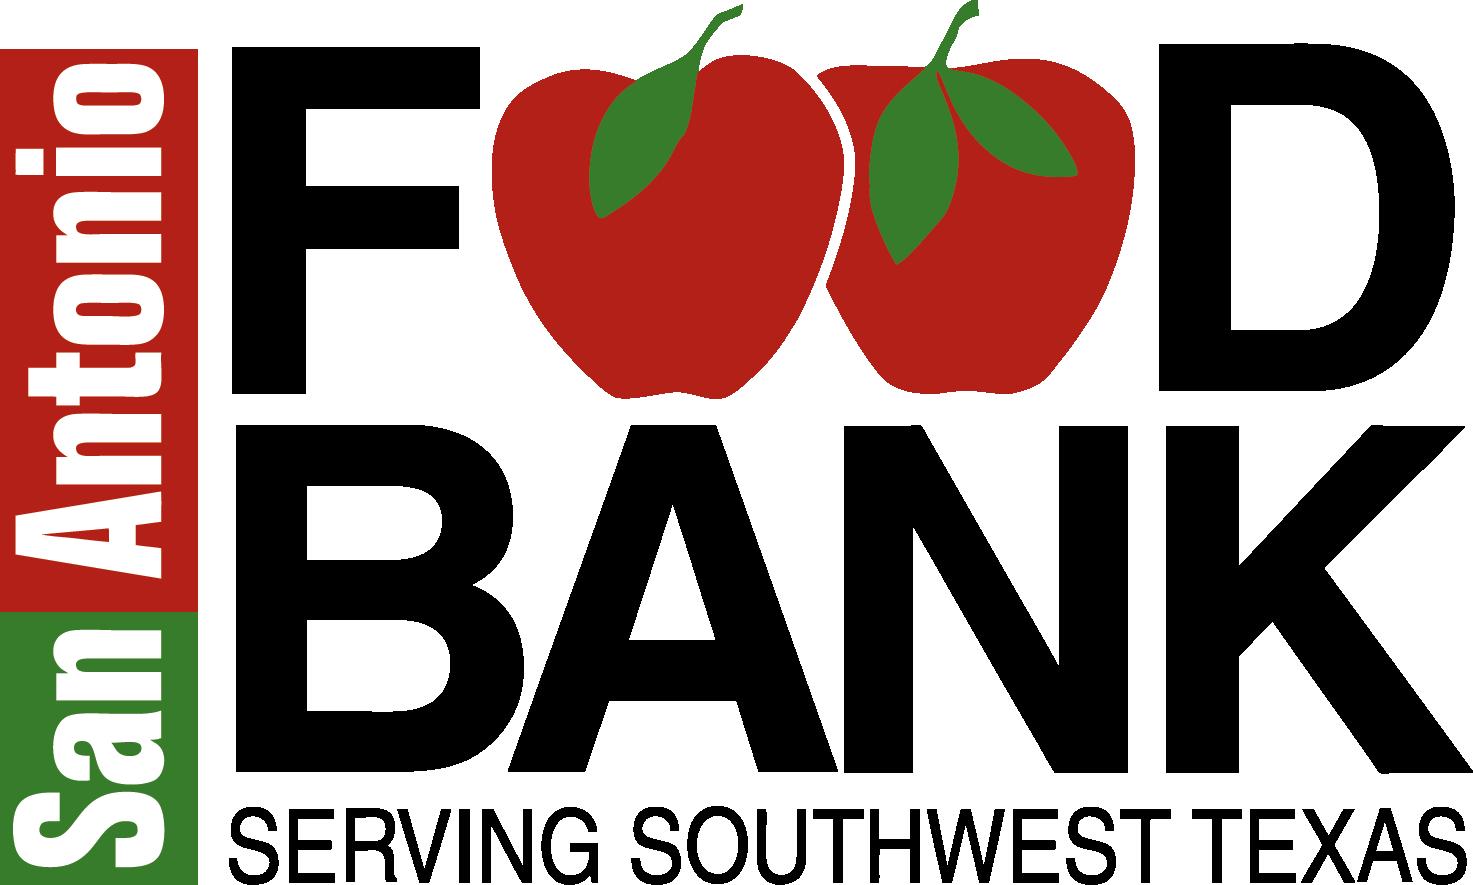 Food Bank transparent logo